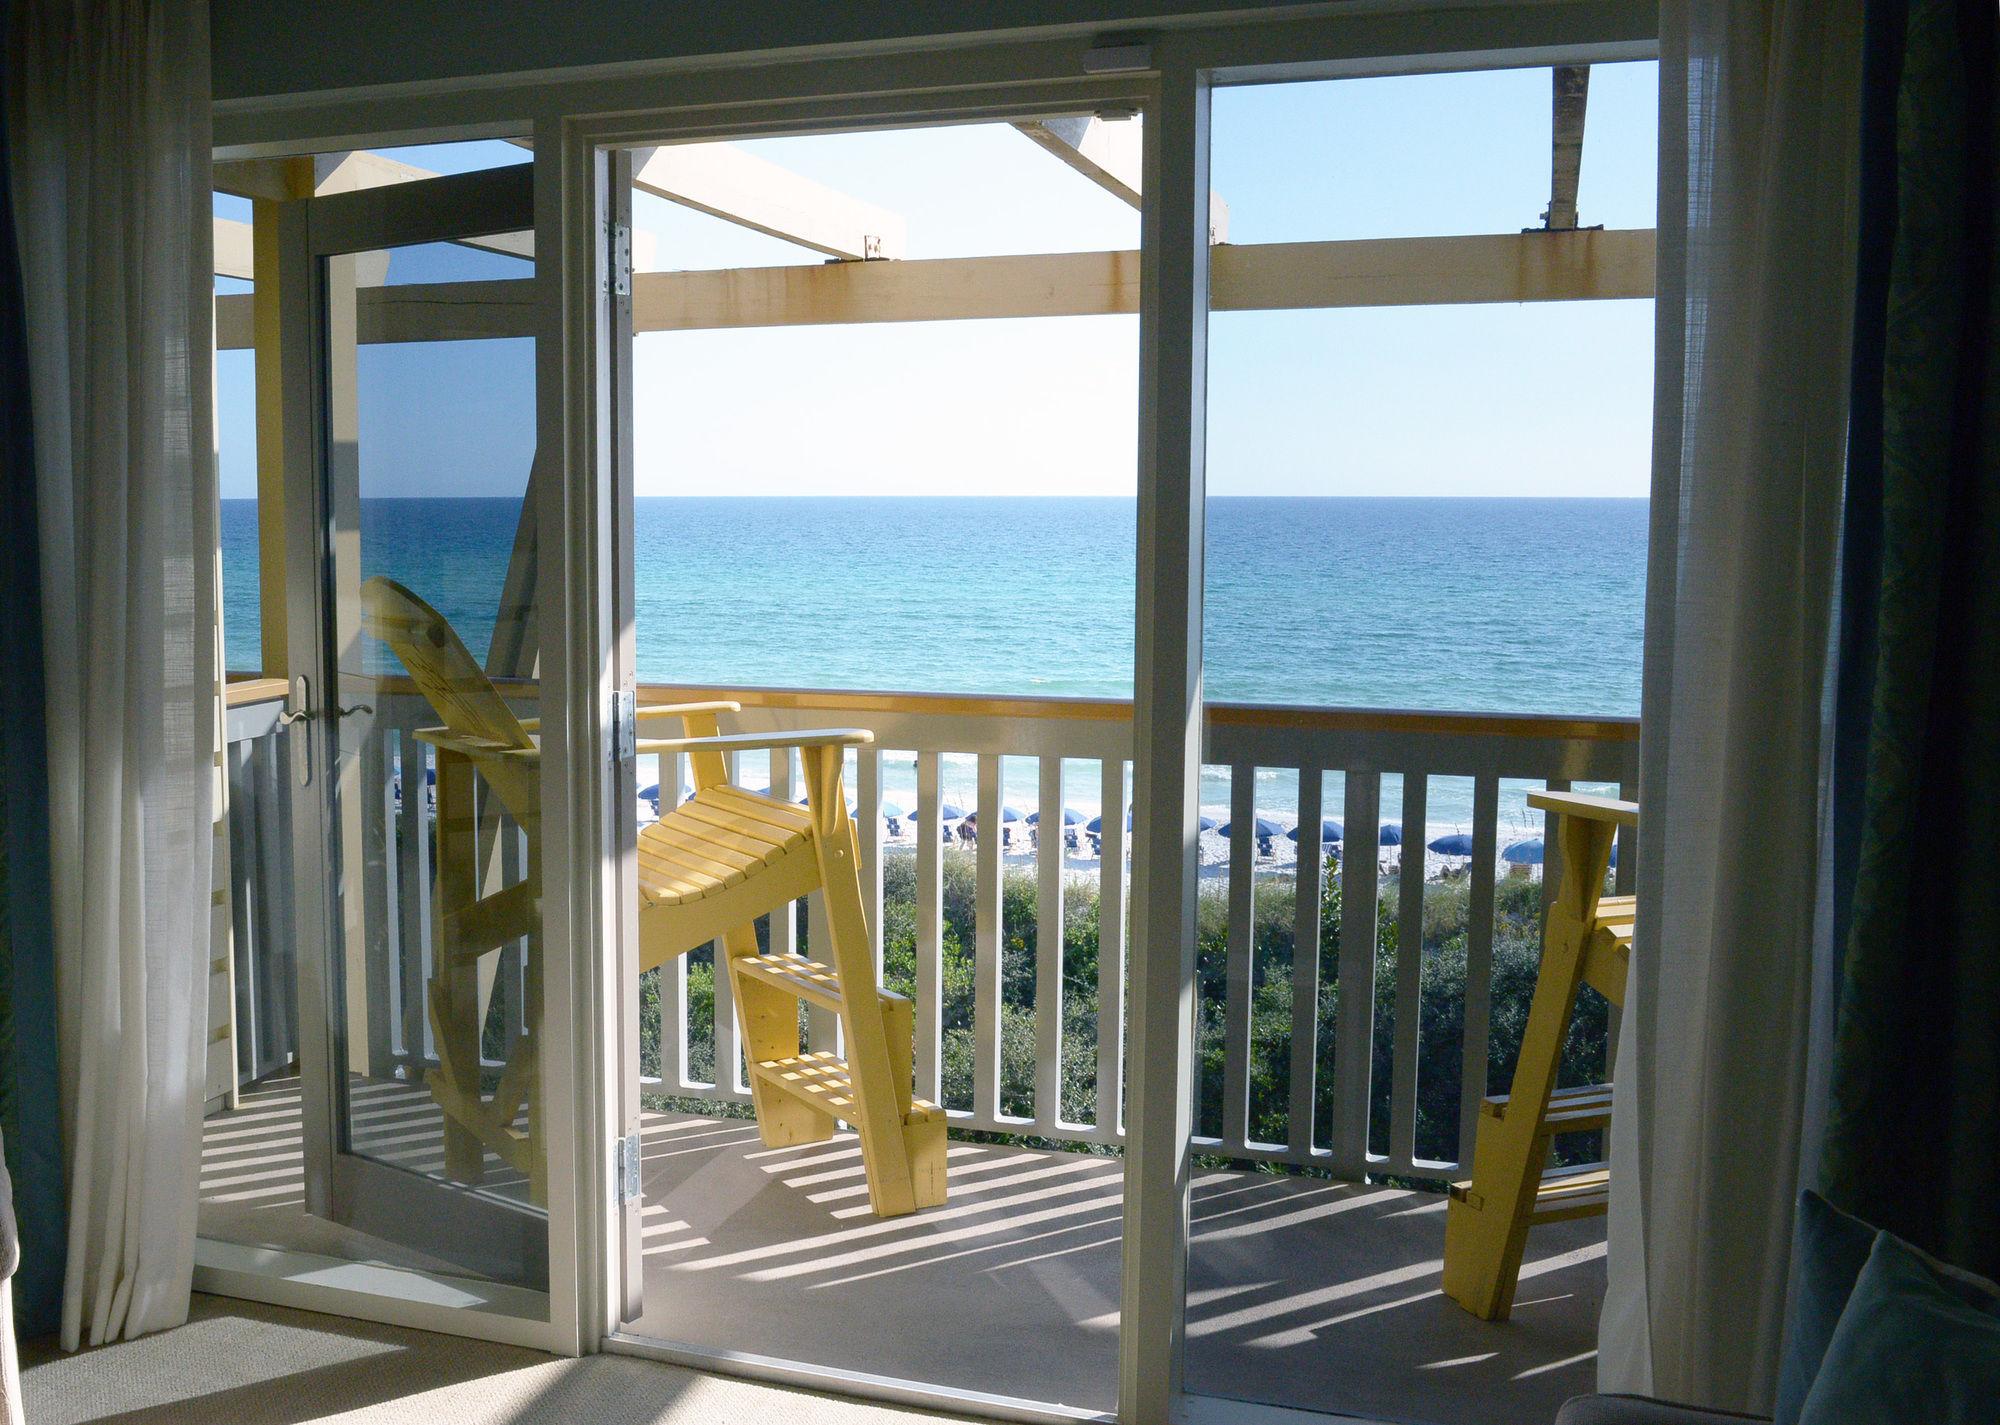 WaterColor Vacation Rentals in Santa Rosa Beach, FL